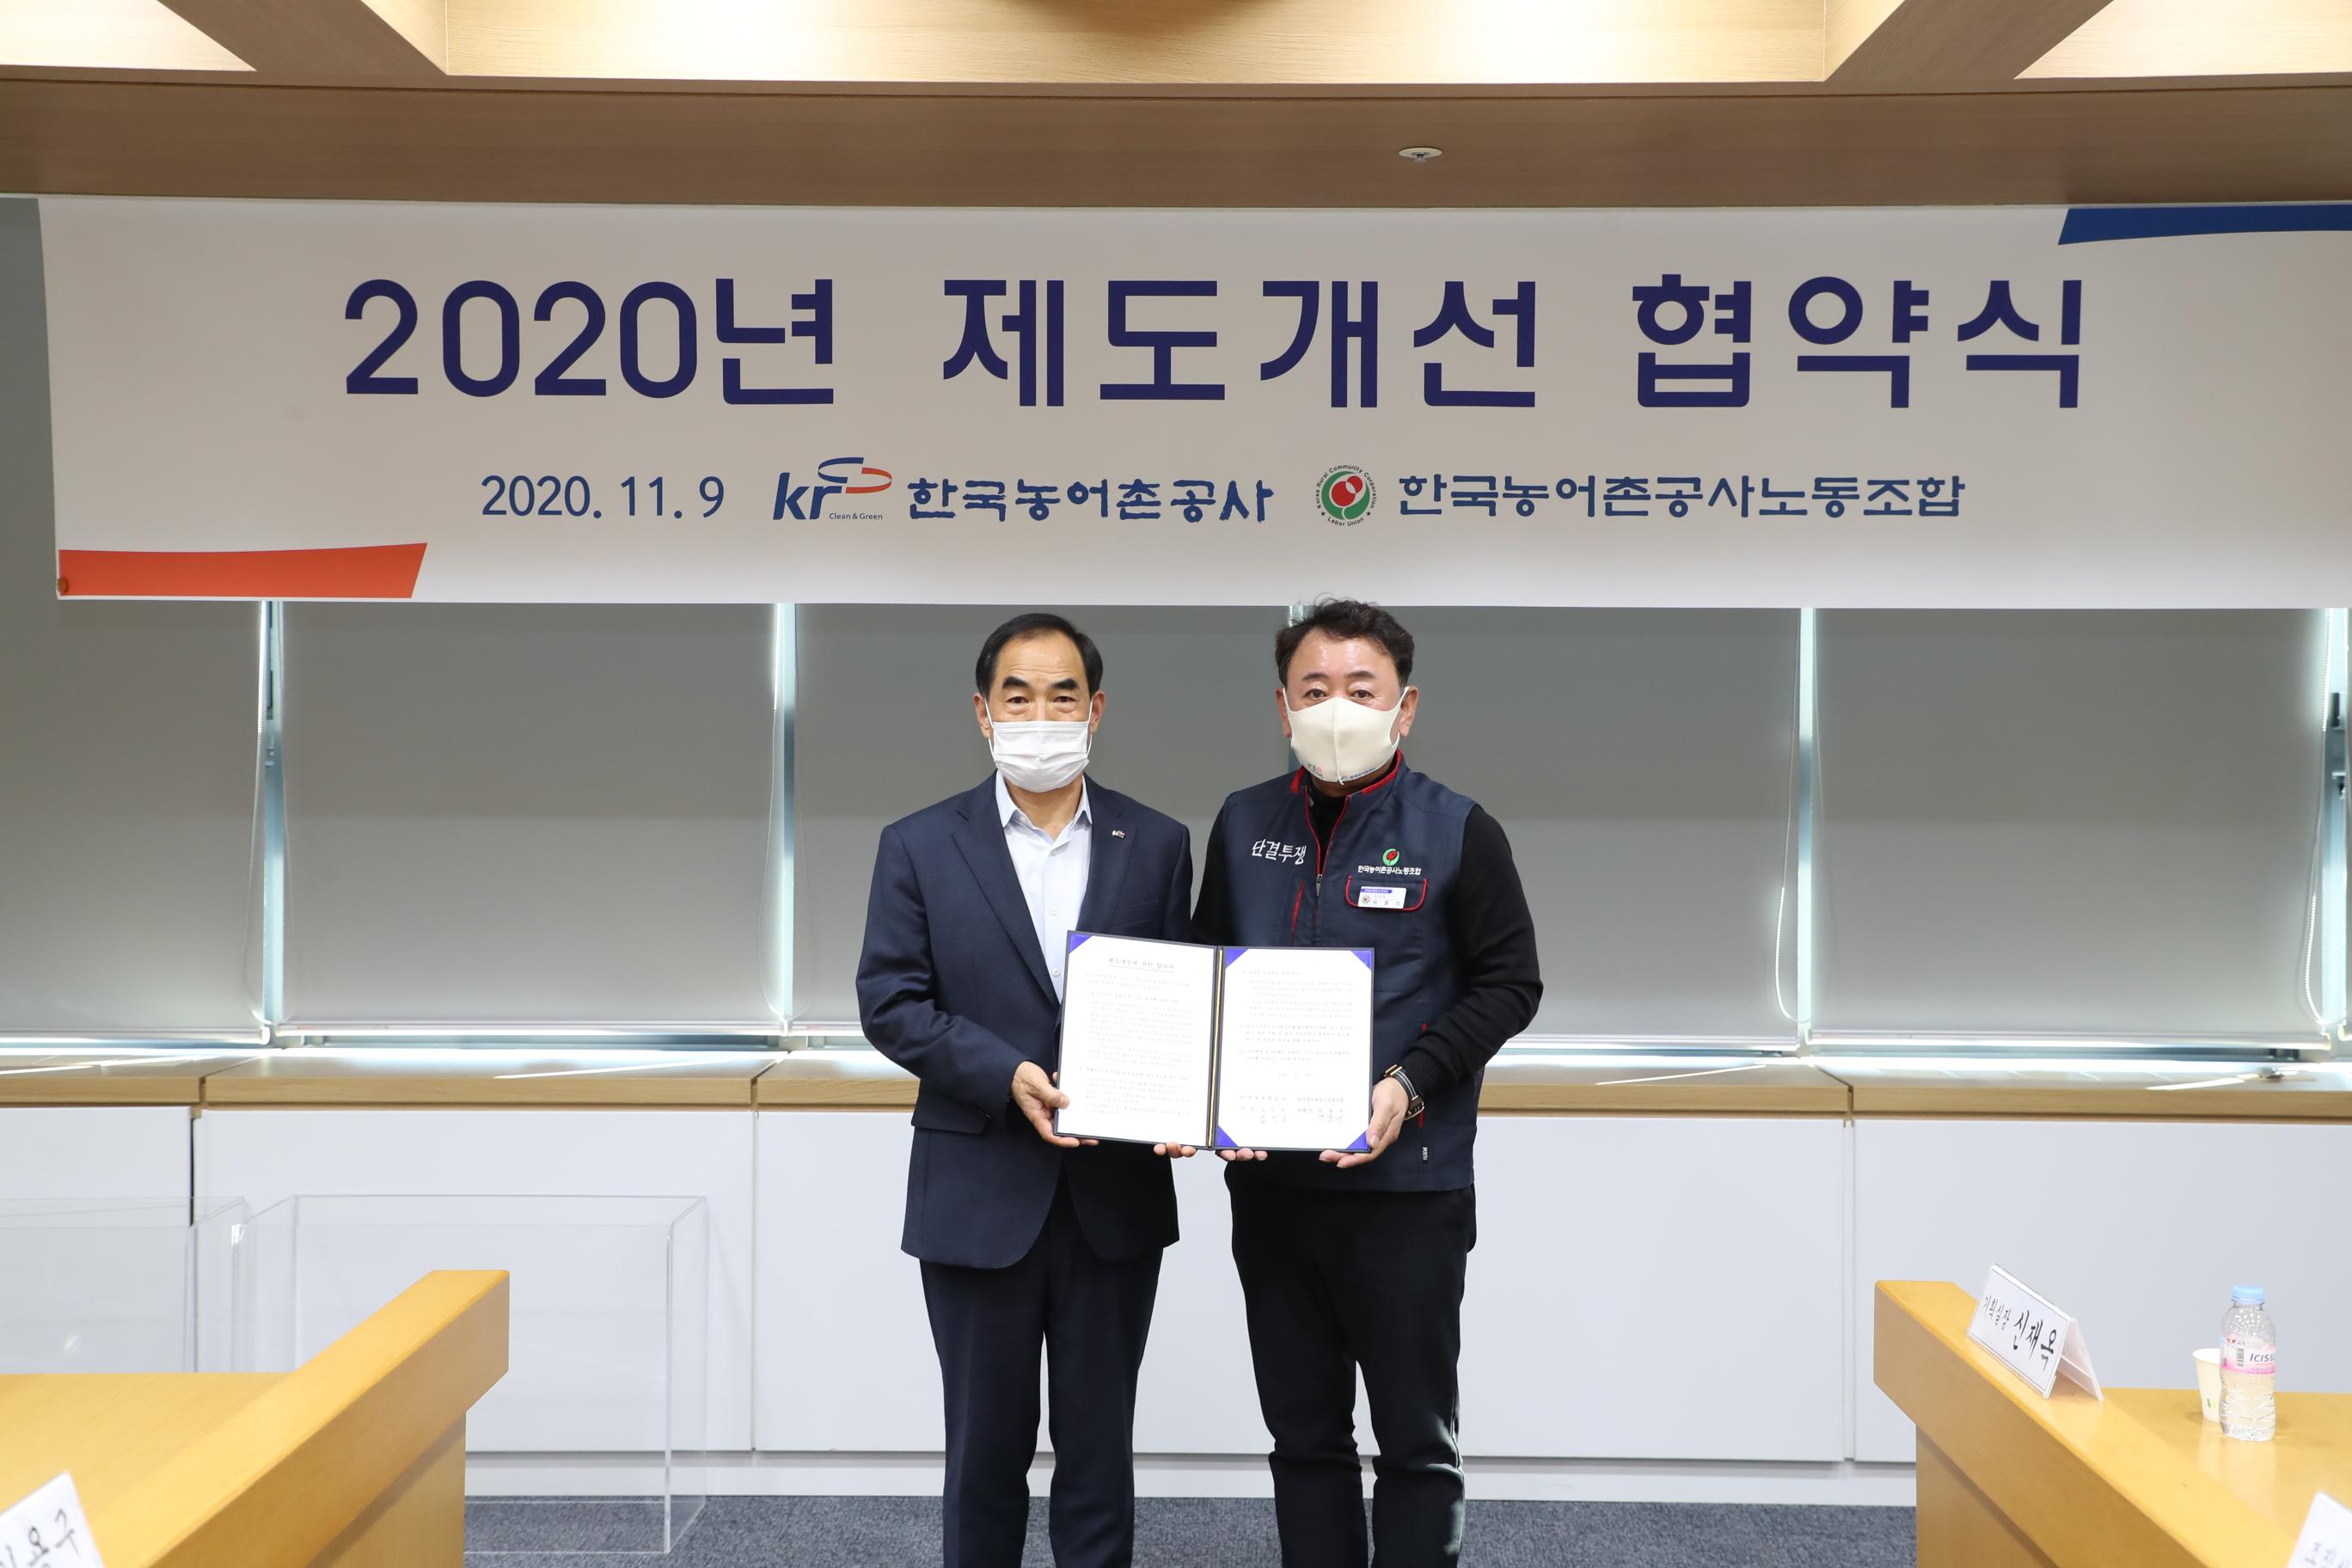 2020년 제도개선 협약식 - 1